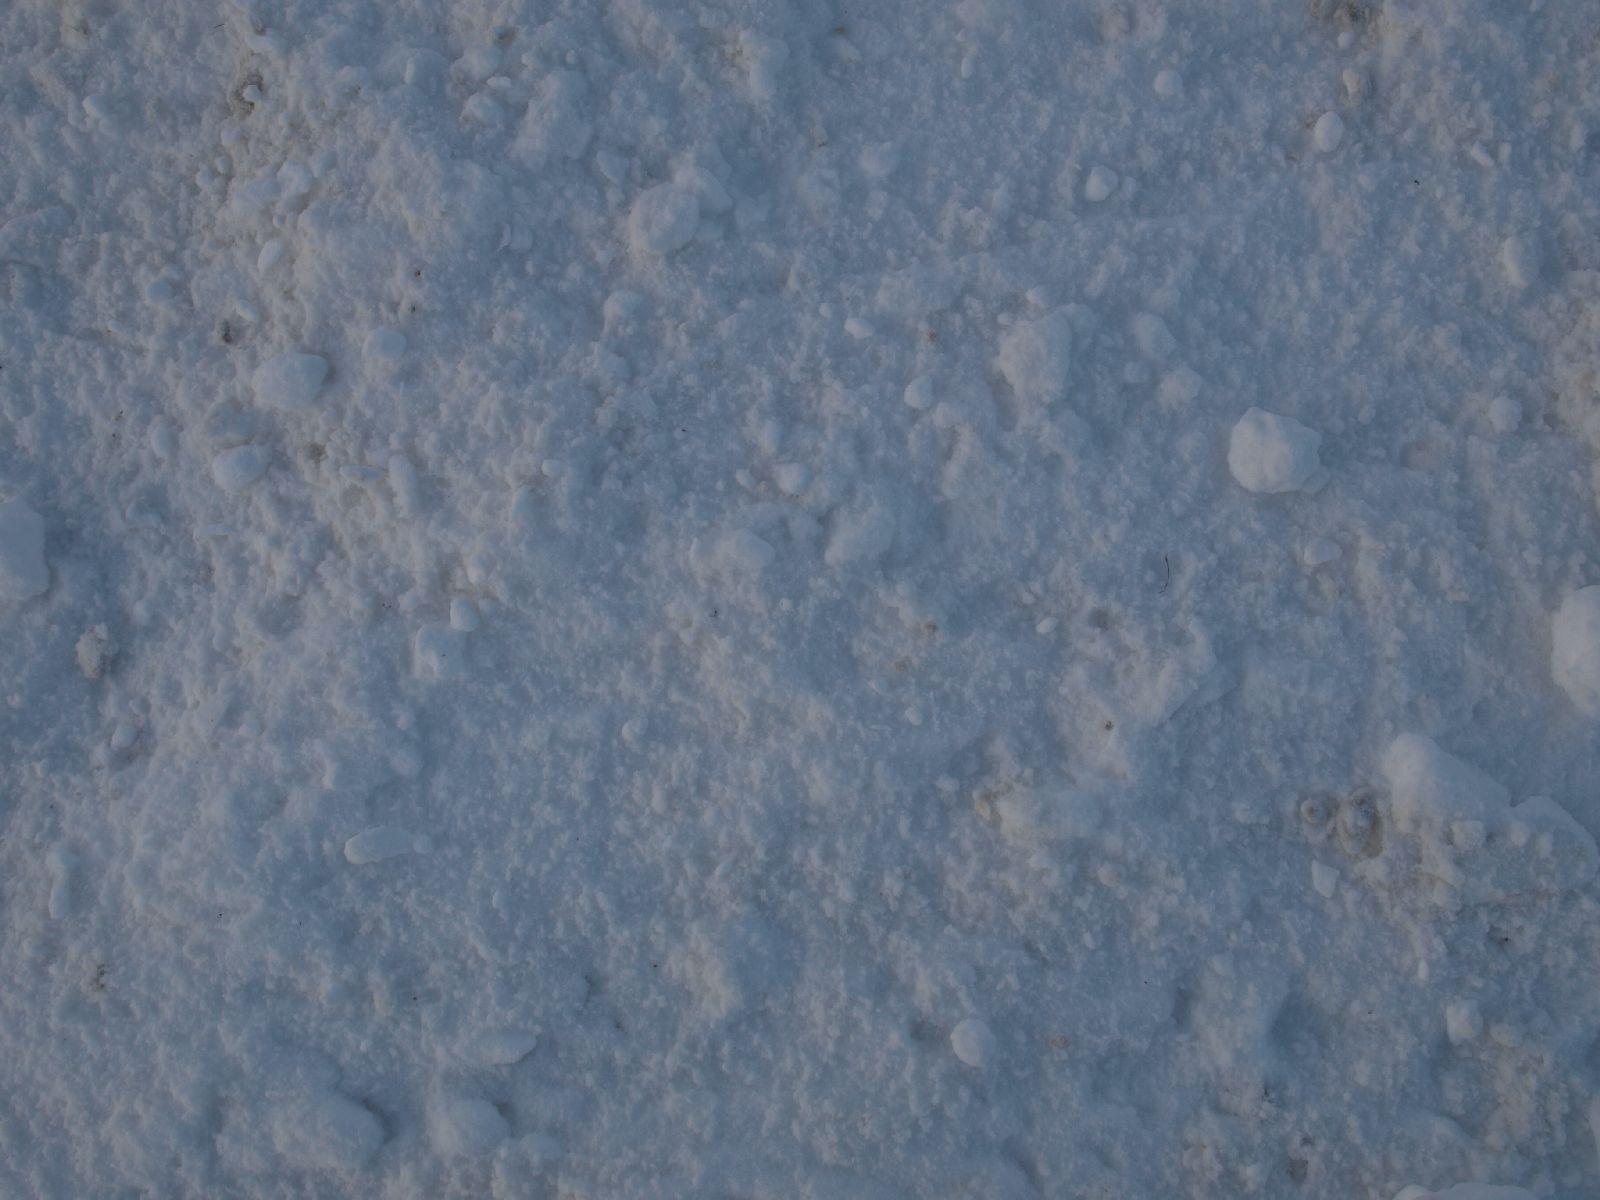 Schnee-Eis_Textur_A_PC211515